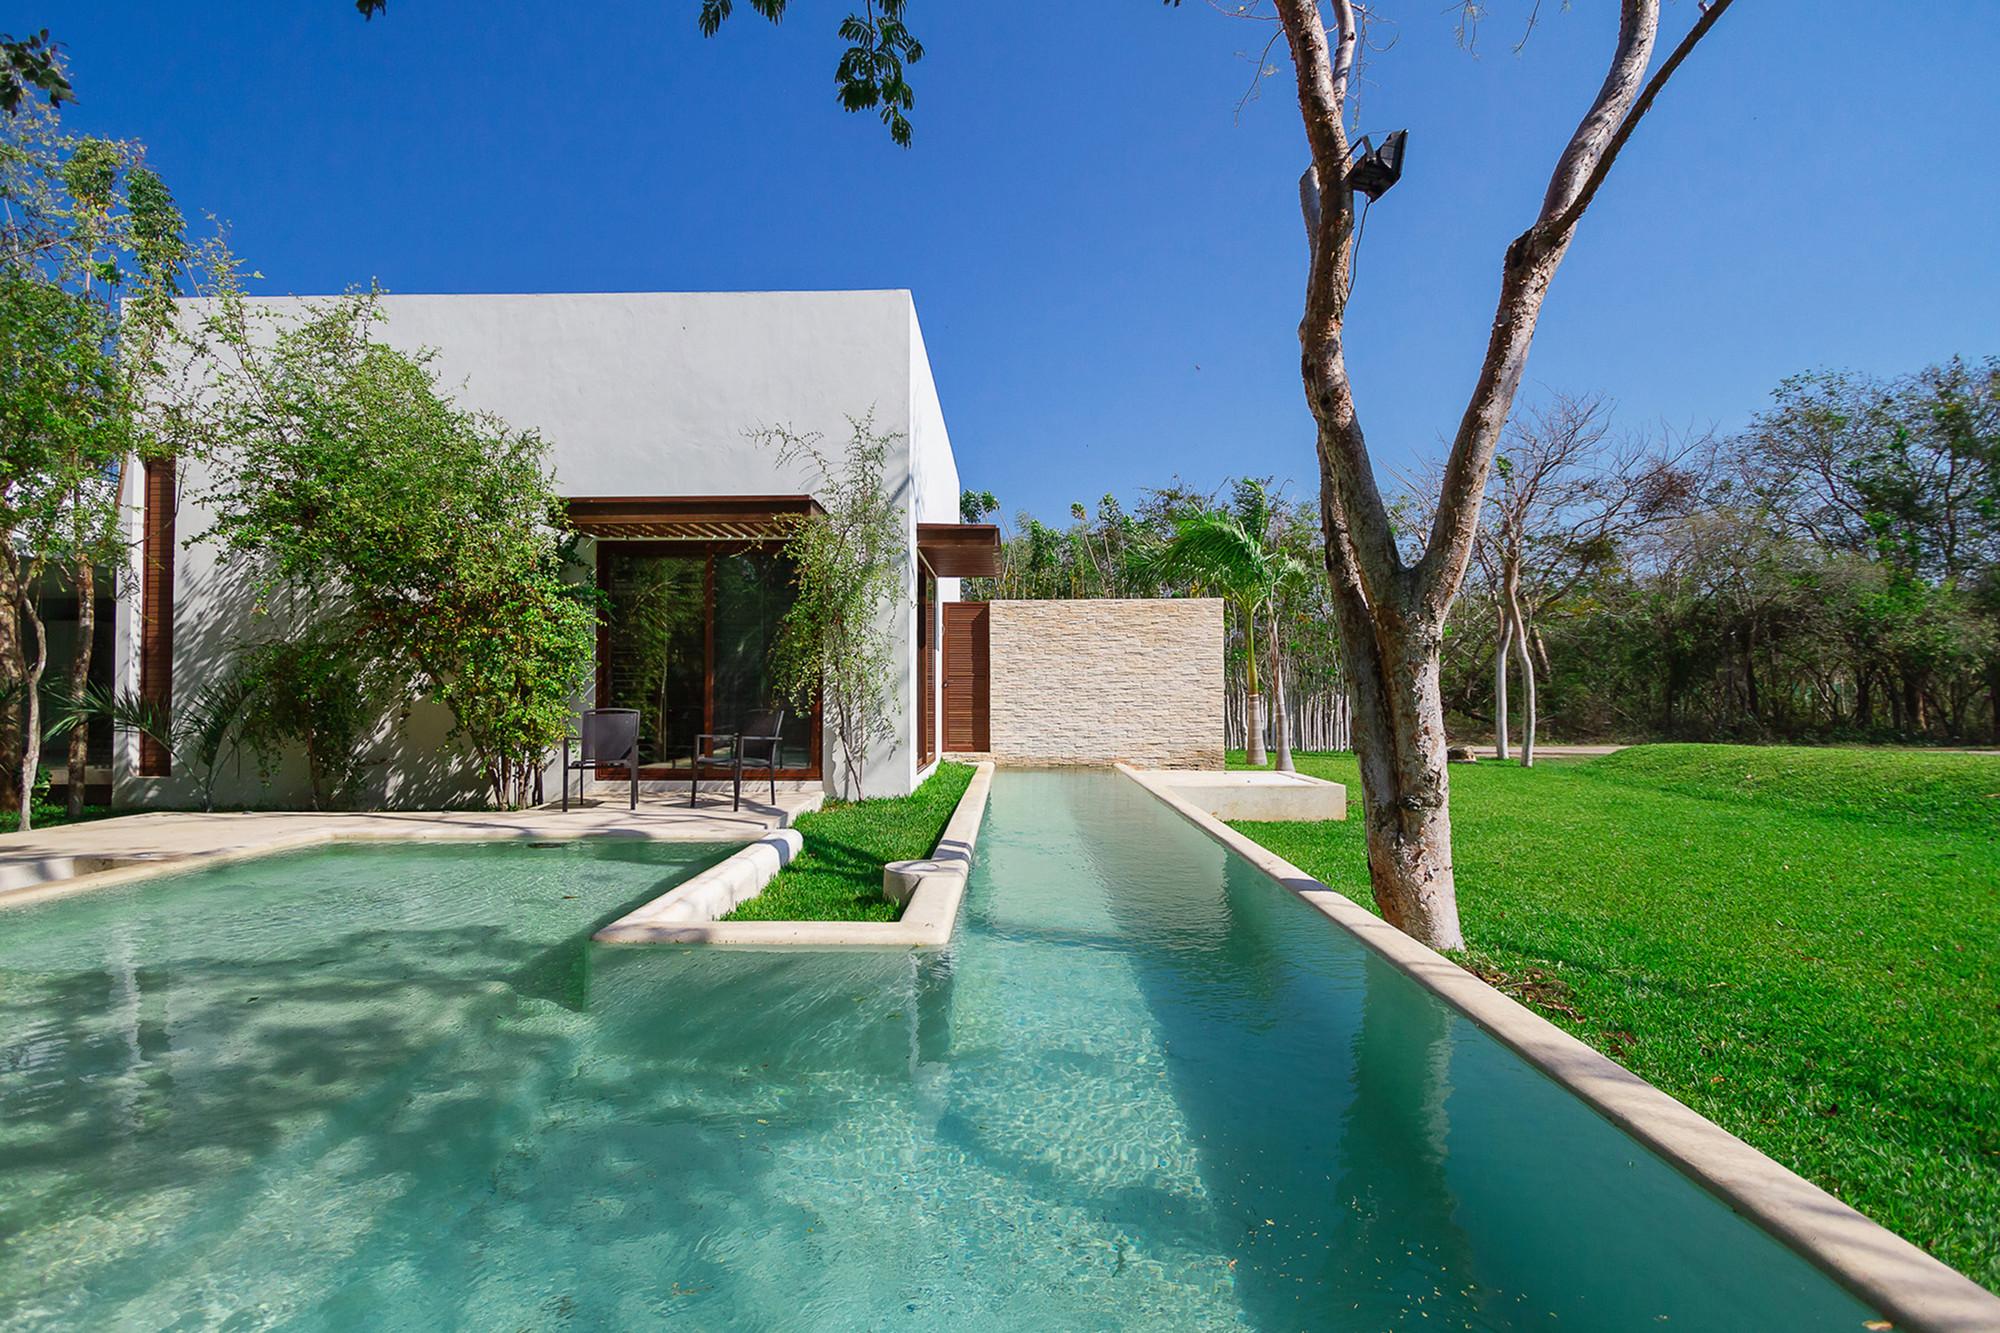 Aldea house by seijo peon arquitectos y asociados in for Construccion de piscinas merida yucatan